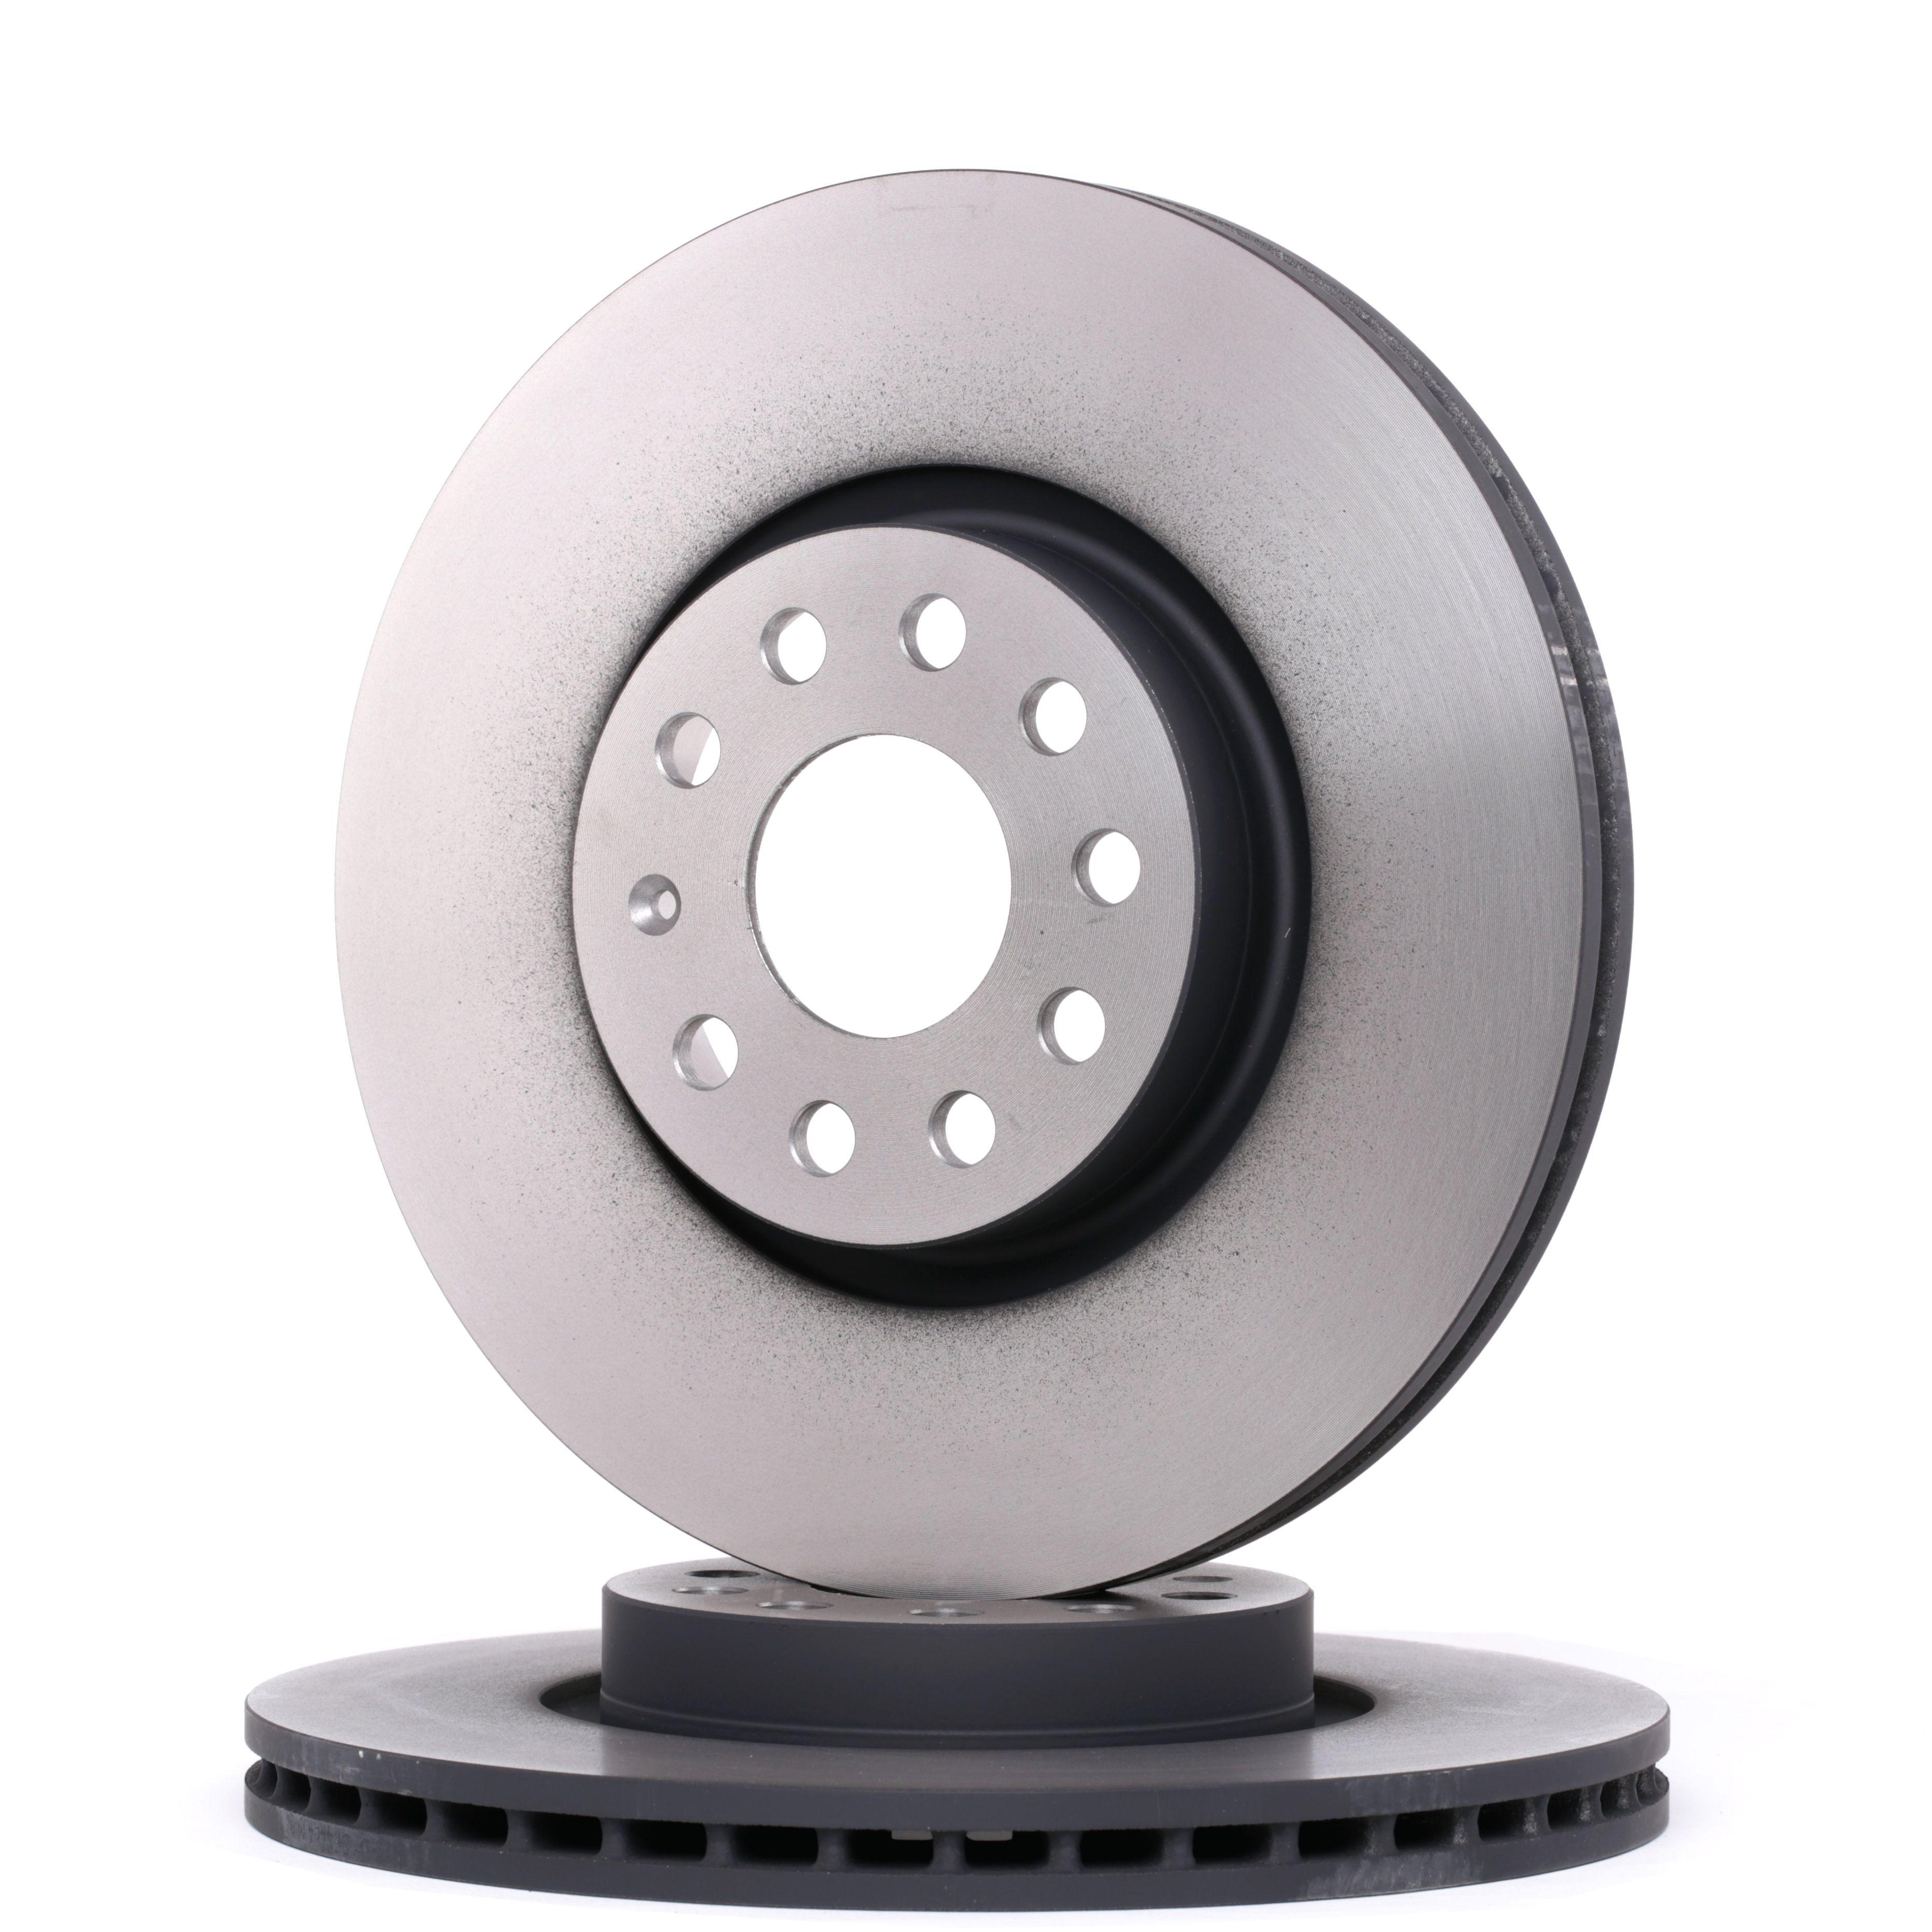 Pirkti DF4464S TRW ventiliuojama, nudažyta Ø: 312mm, angų skaičius: 9, stabdžių disko storis: 25mm Stabdžių diskas DF4464S nebrangu